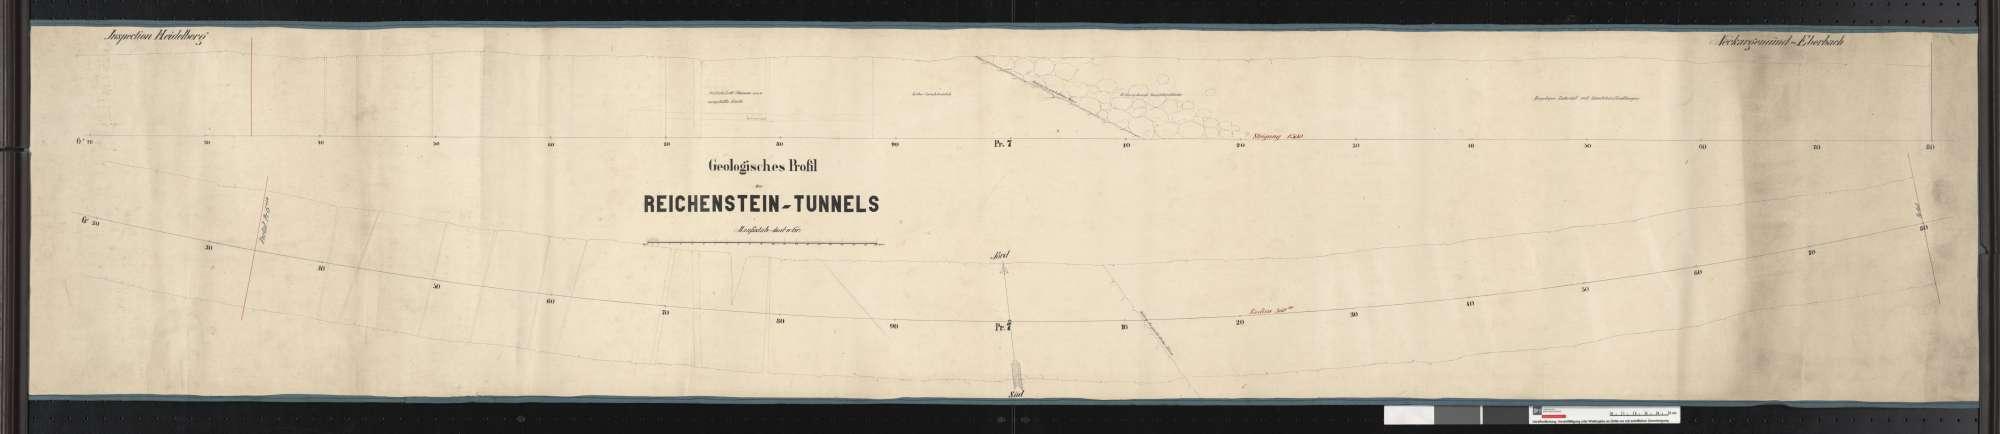 Geologisches Profil des Reichenstein-Tunnels der Bahn von Neckargemünd bis Eberbach Streckenausschnitt: ca. 1,0 bis ca. 1,2 km, Bild 1